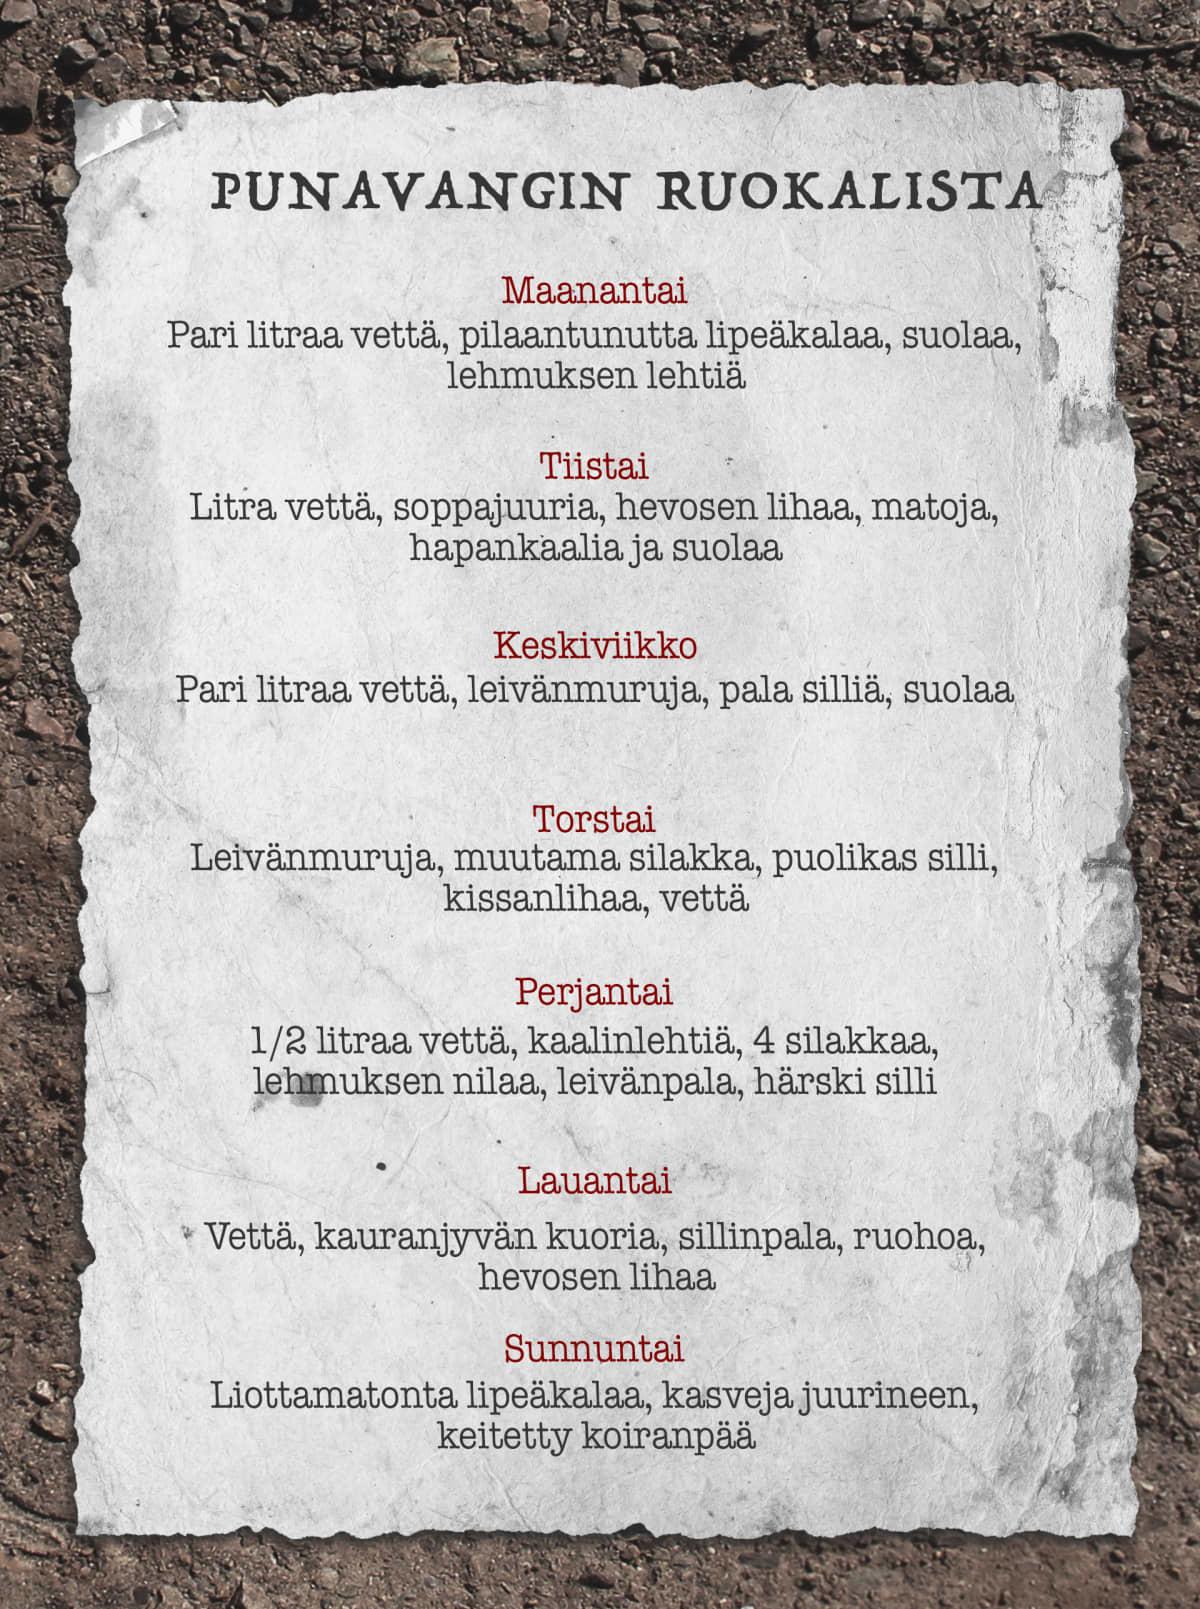 Grafiikka punavangin ruokalistasta